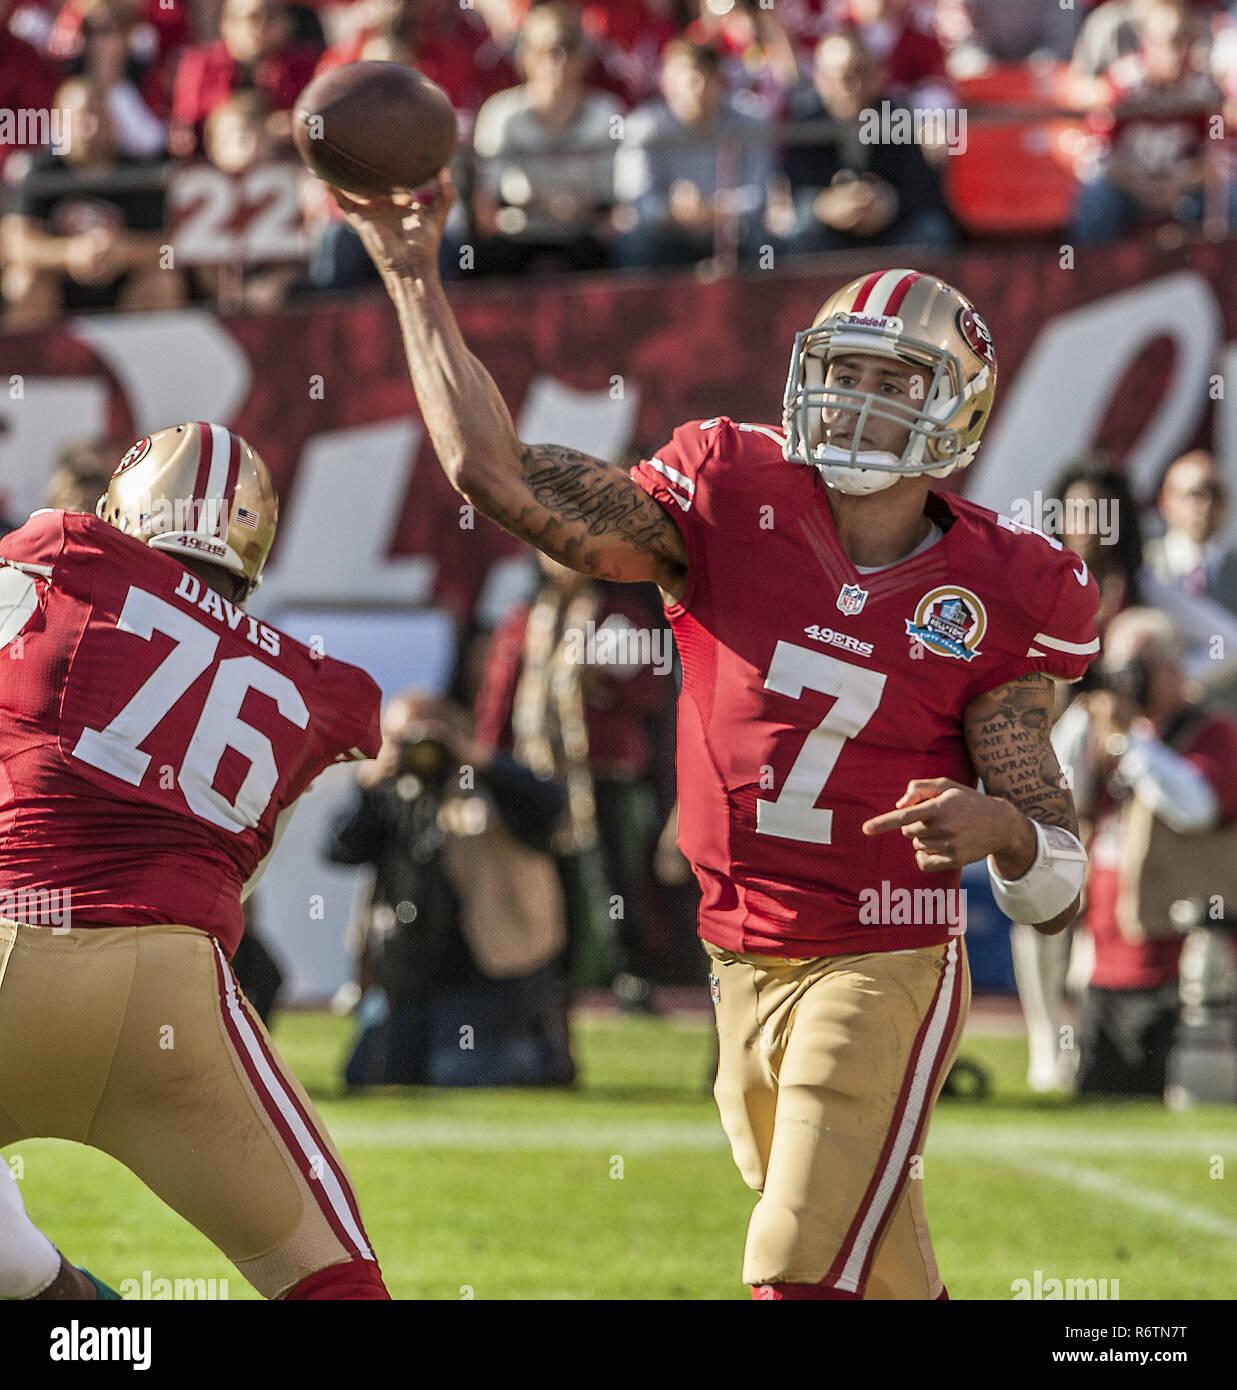 a4d7fe4d35e San Francisco 49ers Stock Photos   San Francisco 49ers Stock Images ...